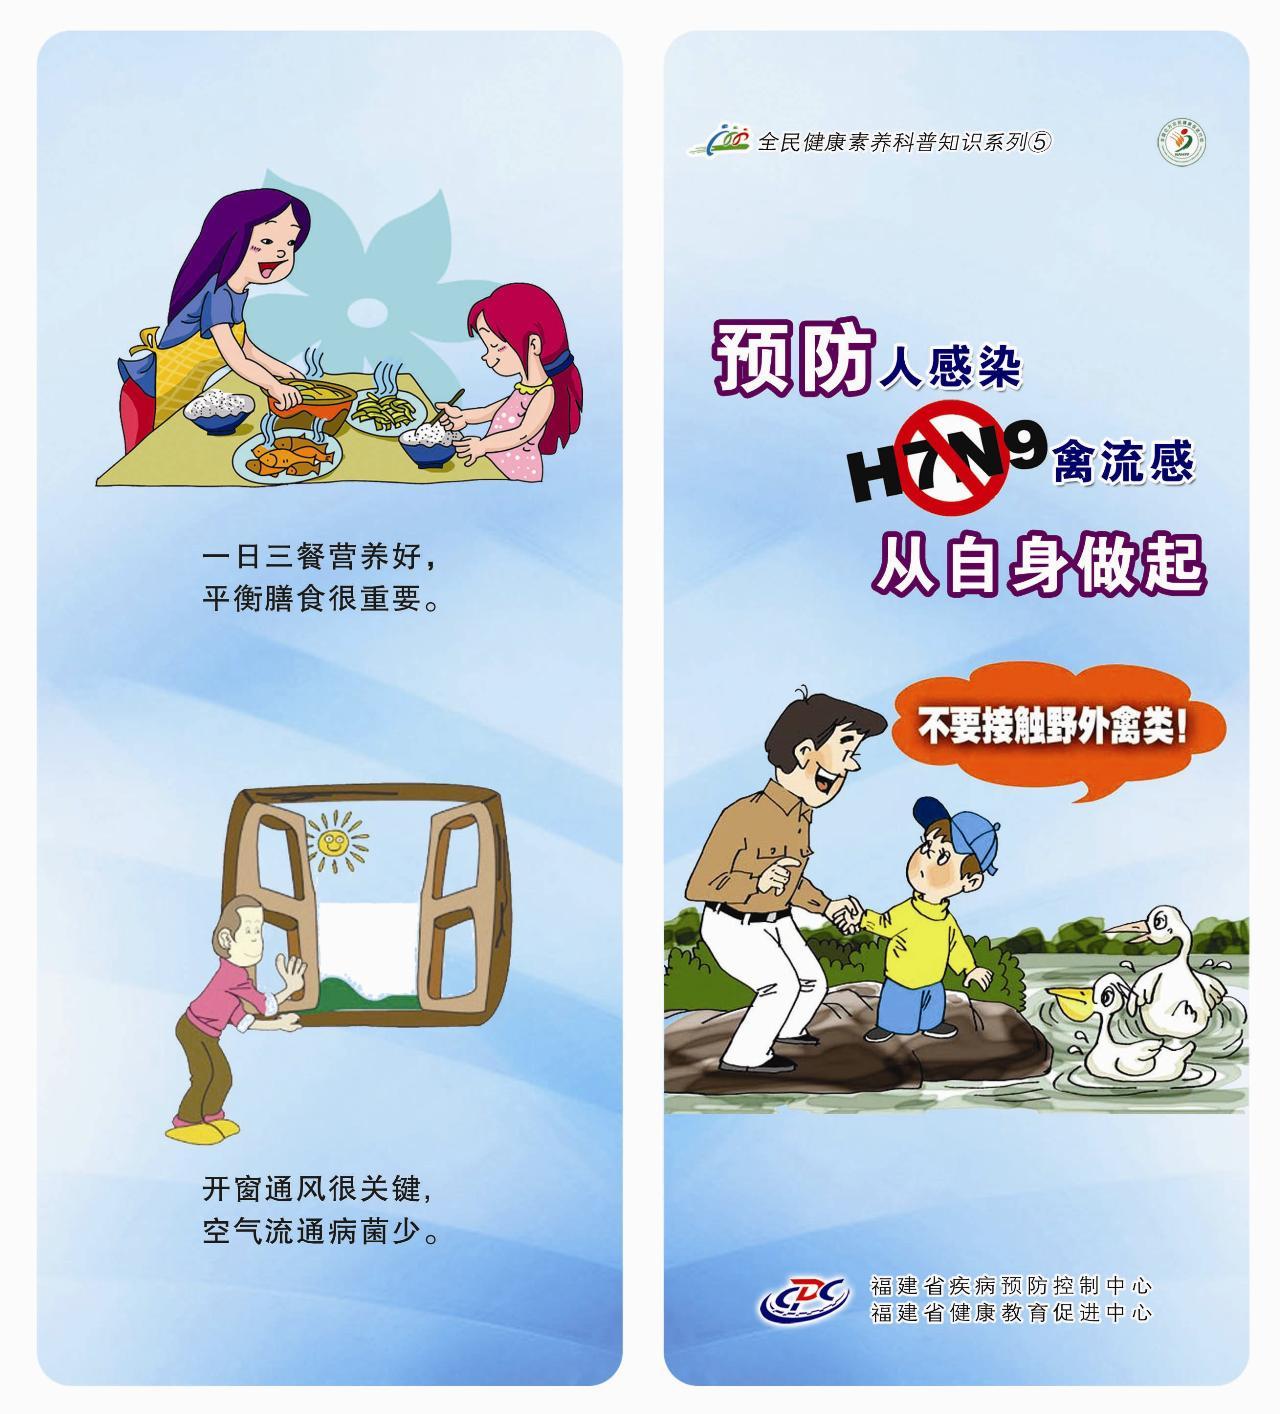 如何预防禽流感_预防禽流感科普文章 宣传图片